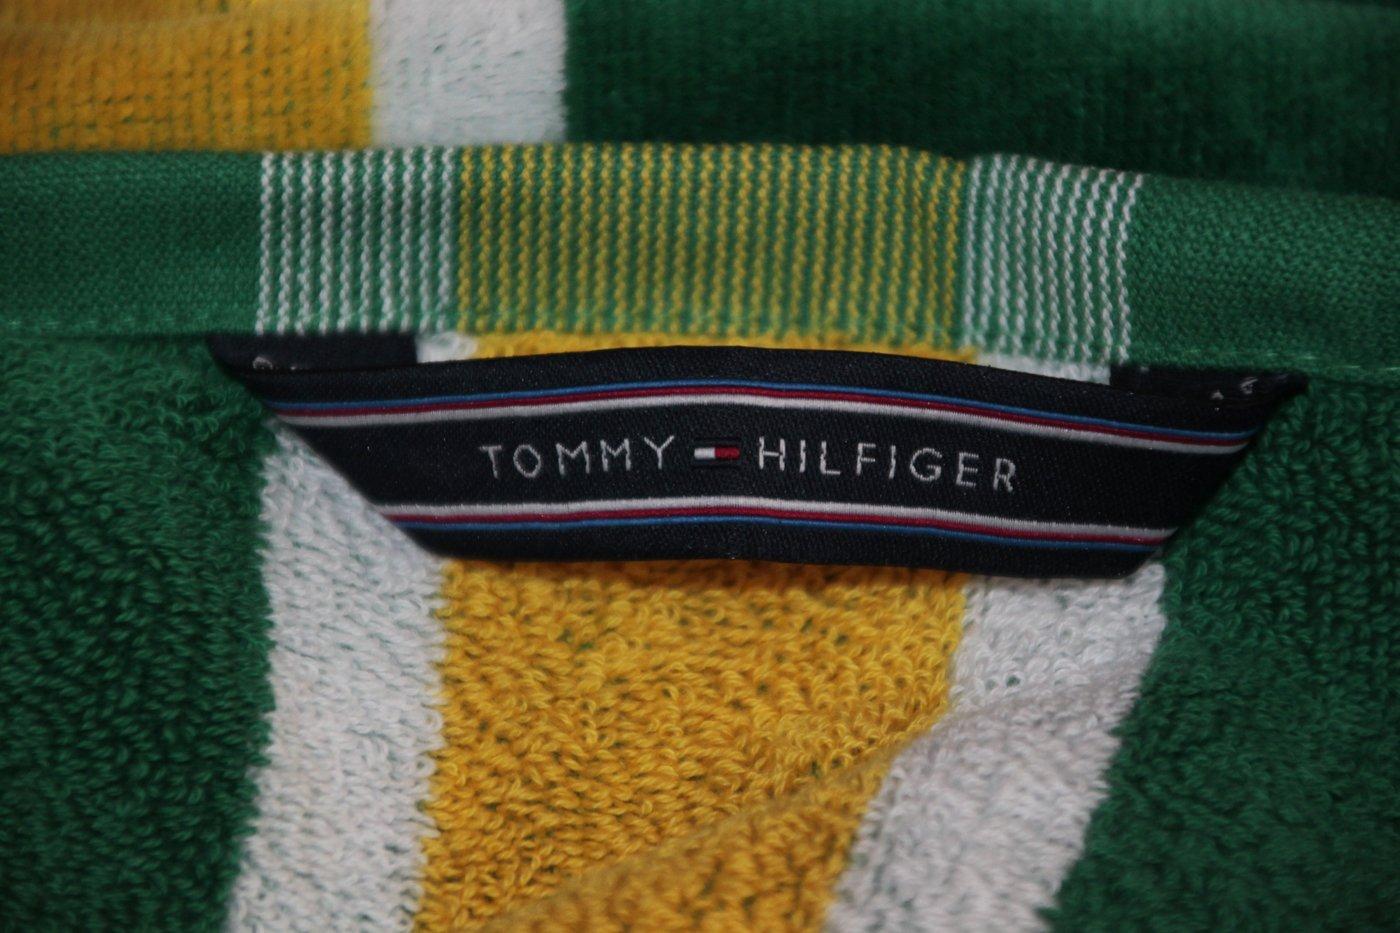 Toalla Playa o Piscina Tommy Hilfiger 100% Esponja disponible de puro algodón cm 90 x 180 Track - Verde: Amazon.es: Hogar